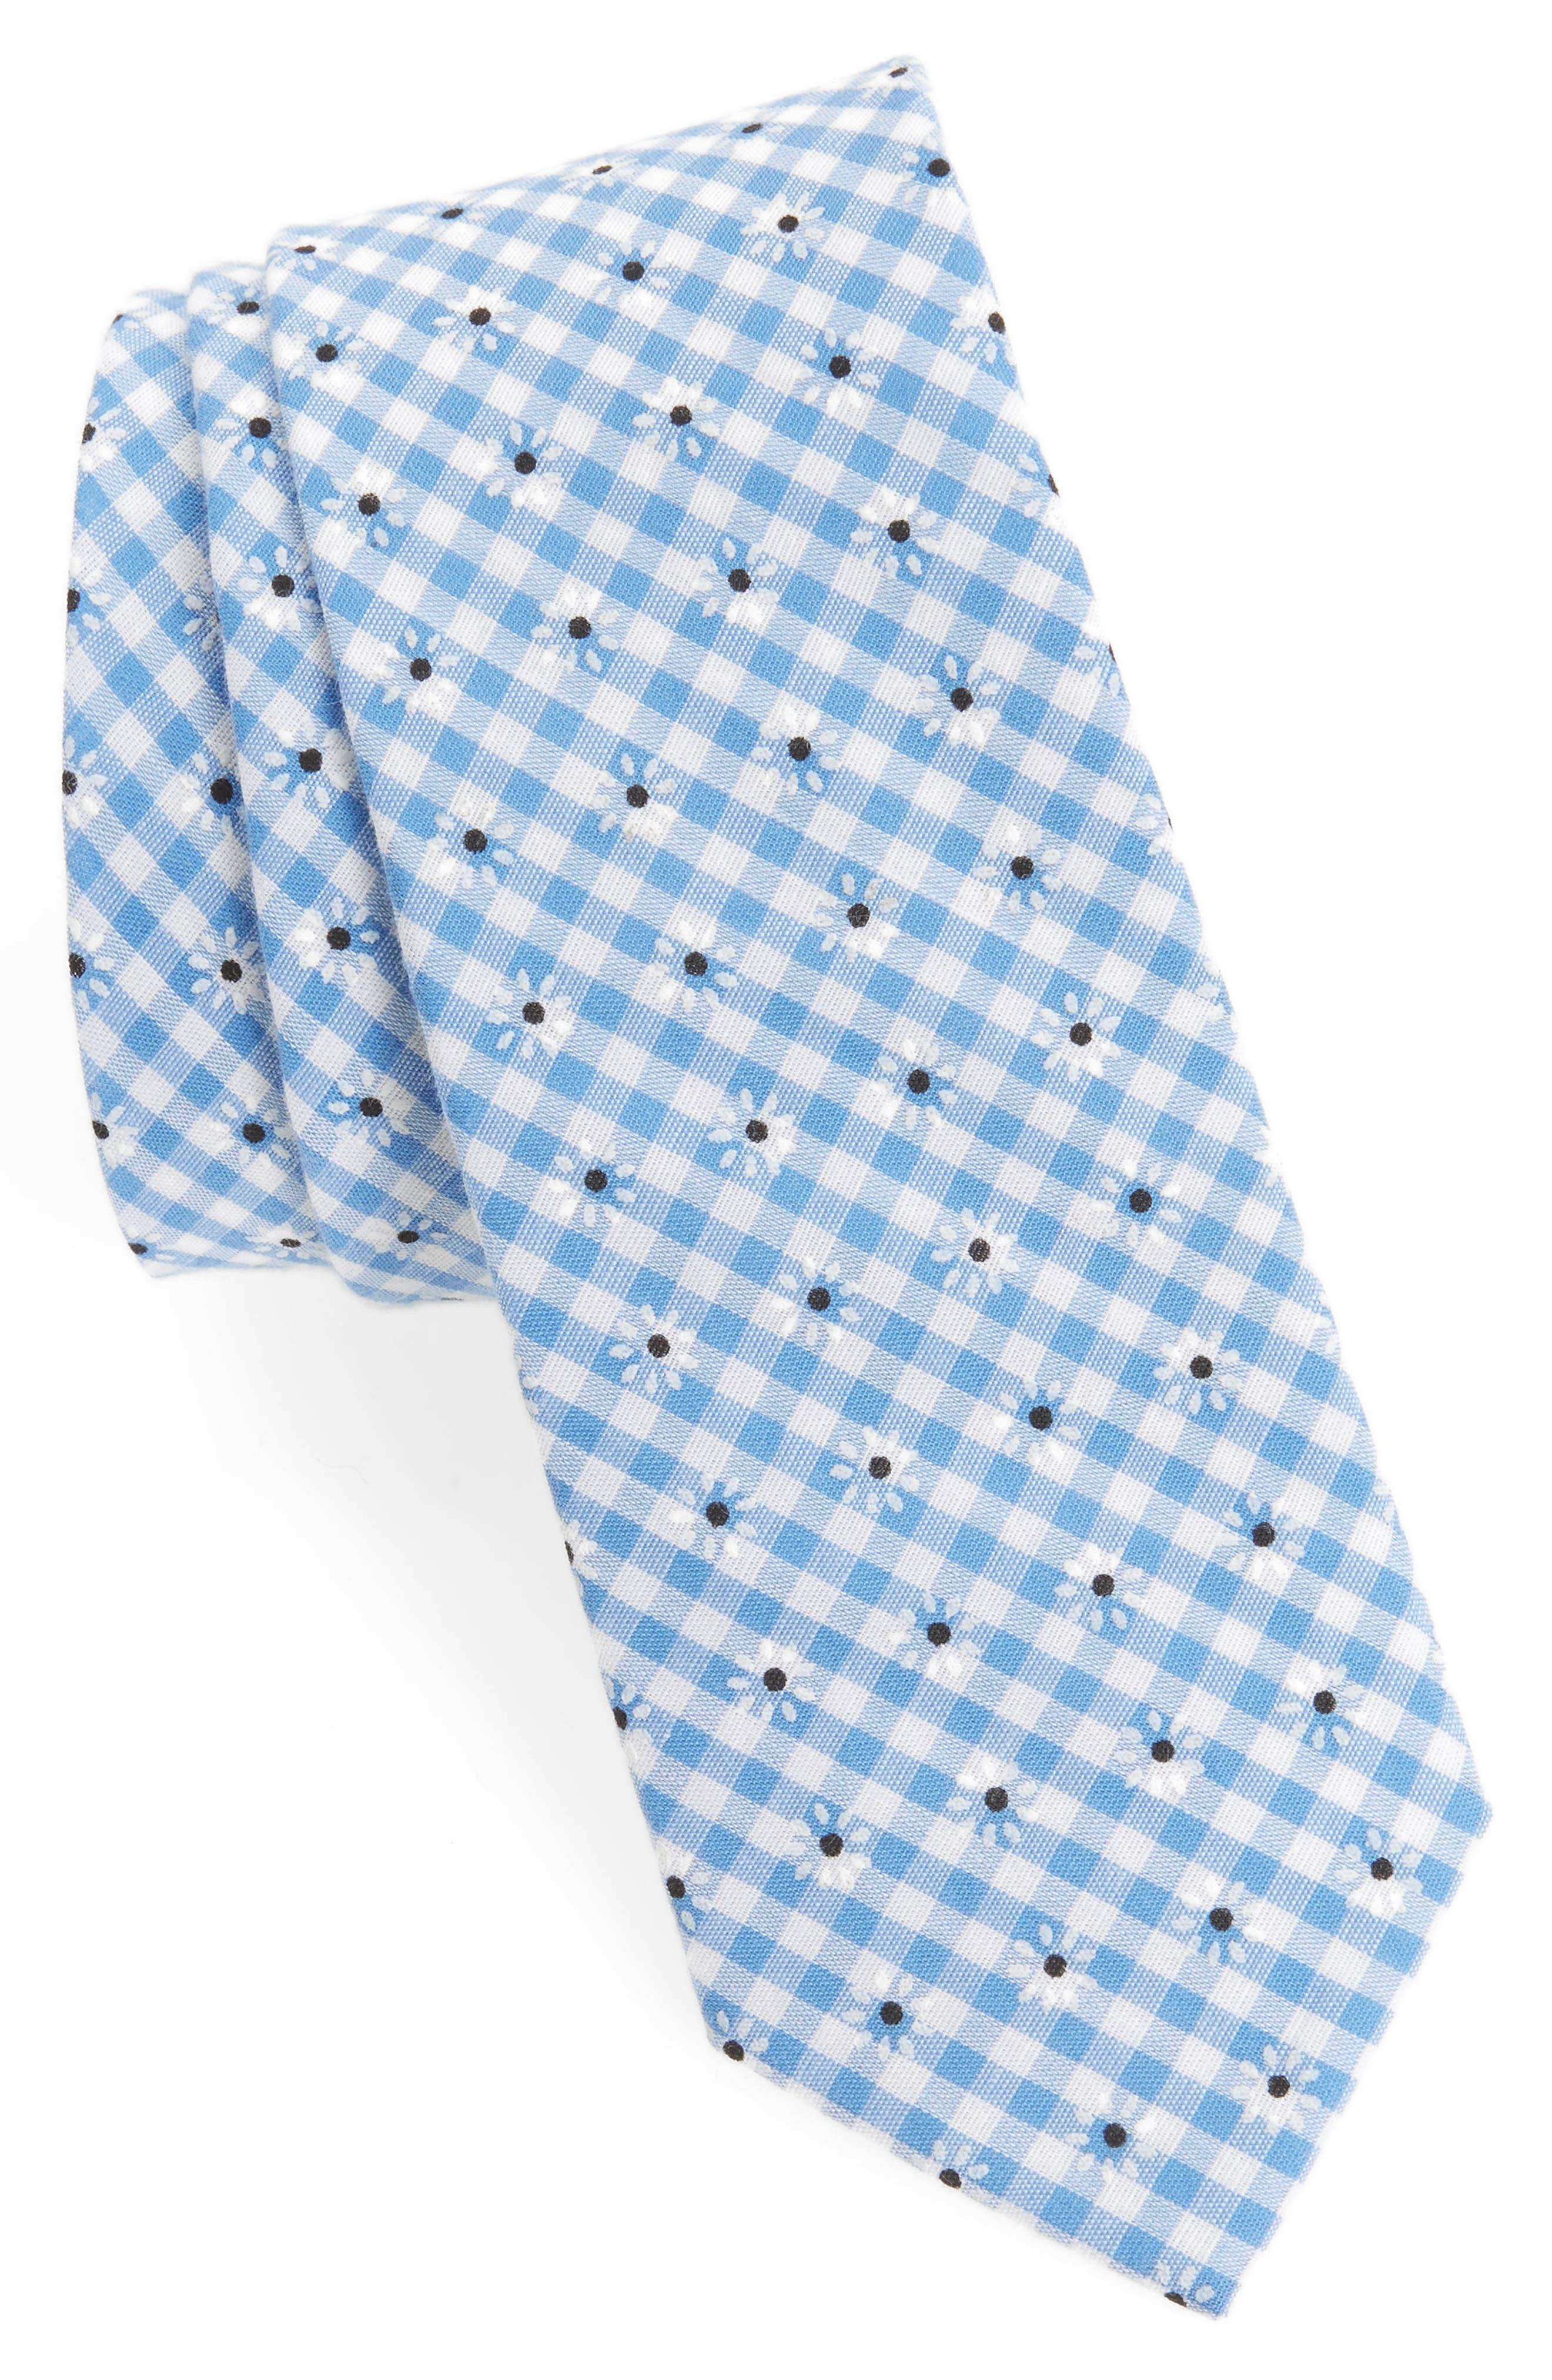 Flower & Gingham Cotton Tie,                             Main thumbnail 1, color,                             Light Blue